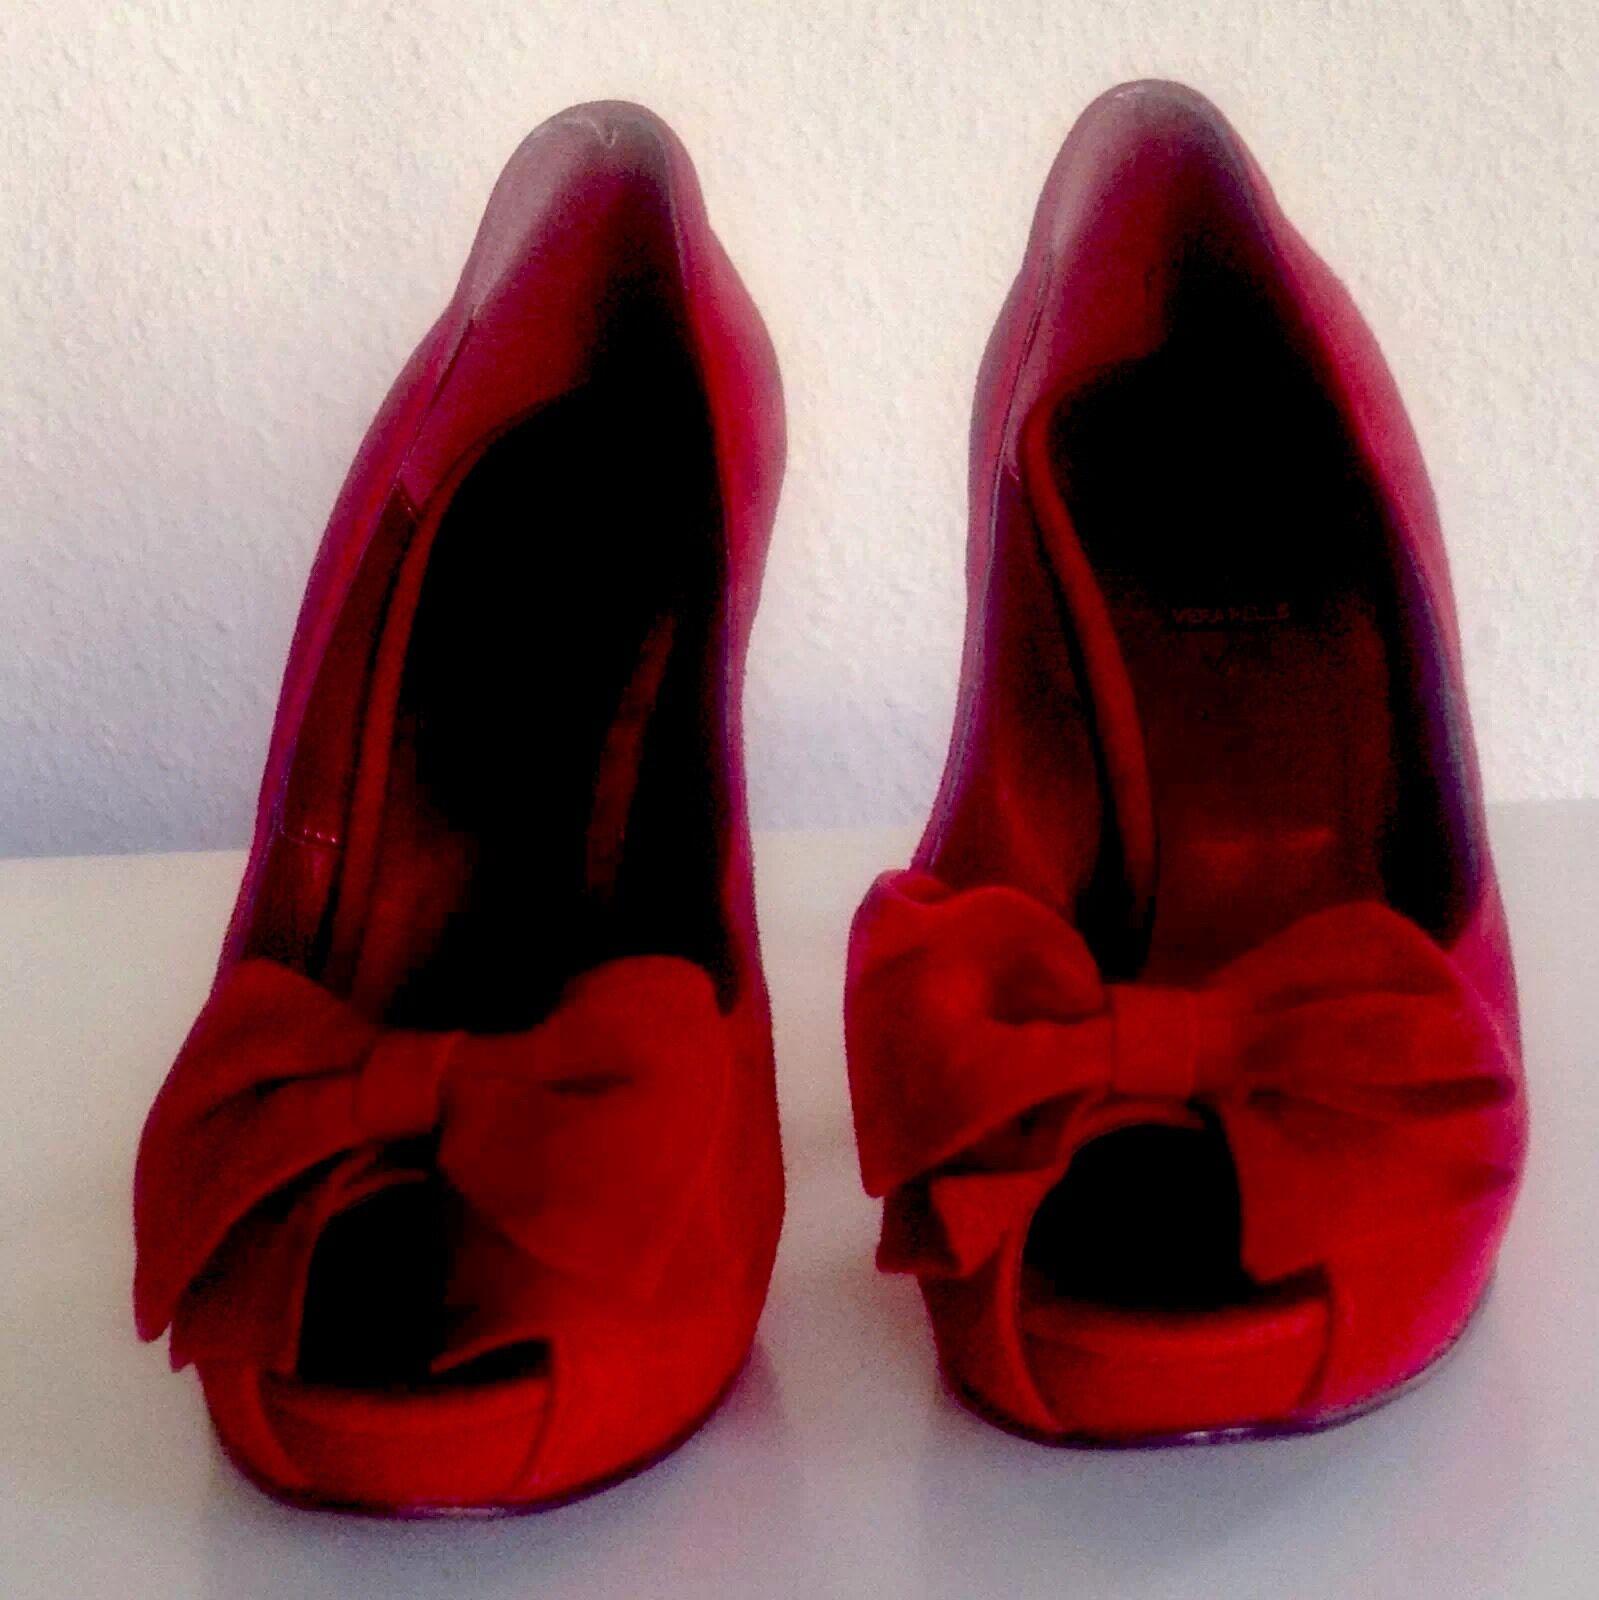 risparmia fino al 70% Pin-up-50ies 37 Peep-toes with bow burlesca in Cherry-RED Cherry-RED Cherry-RED SUEDE Pelle Rockabilly  grande sconto